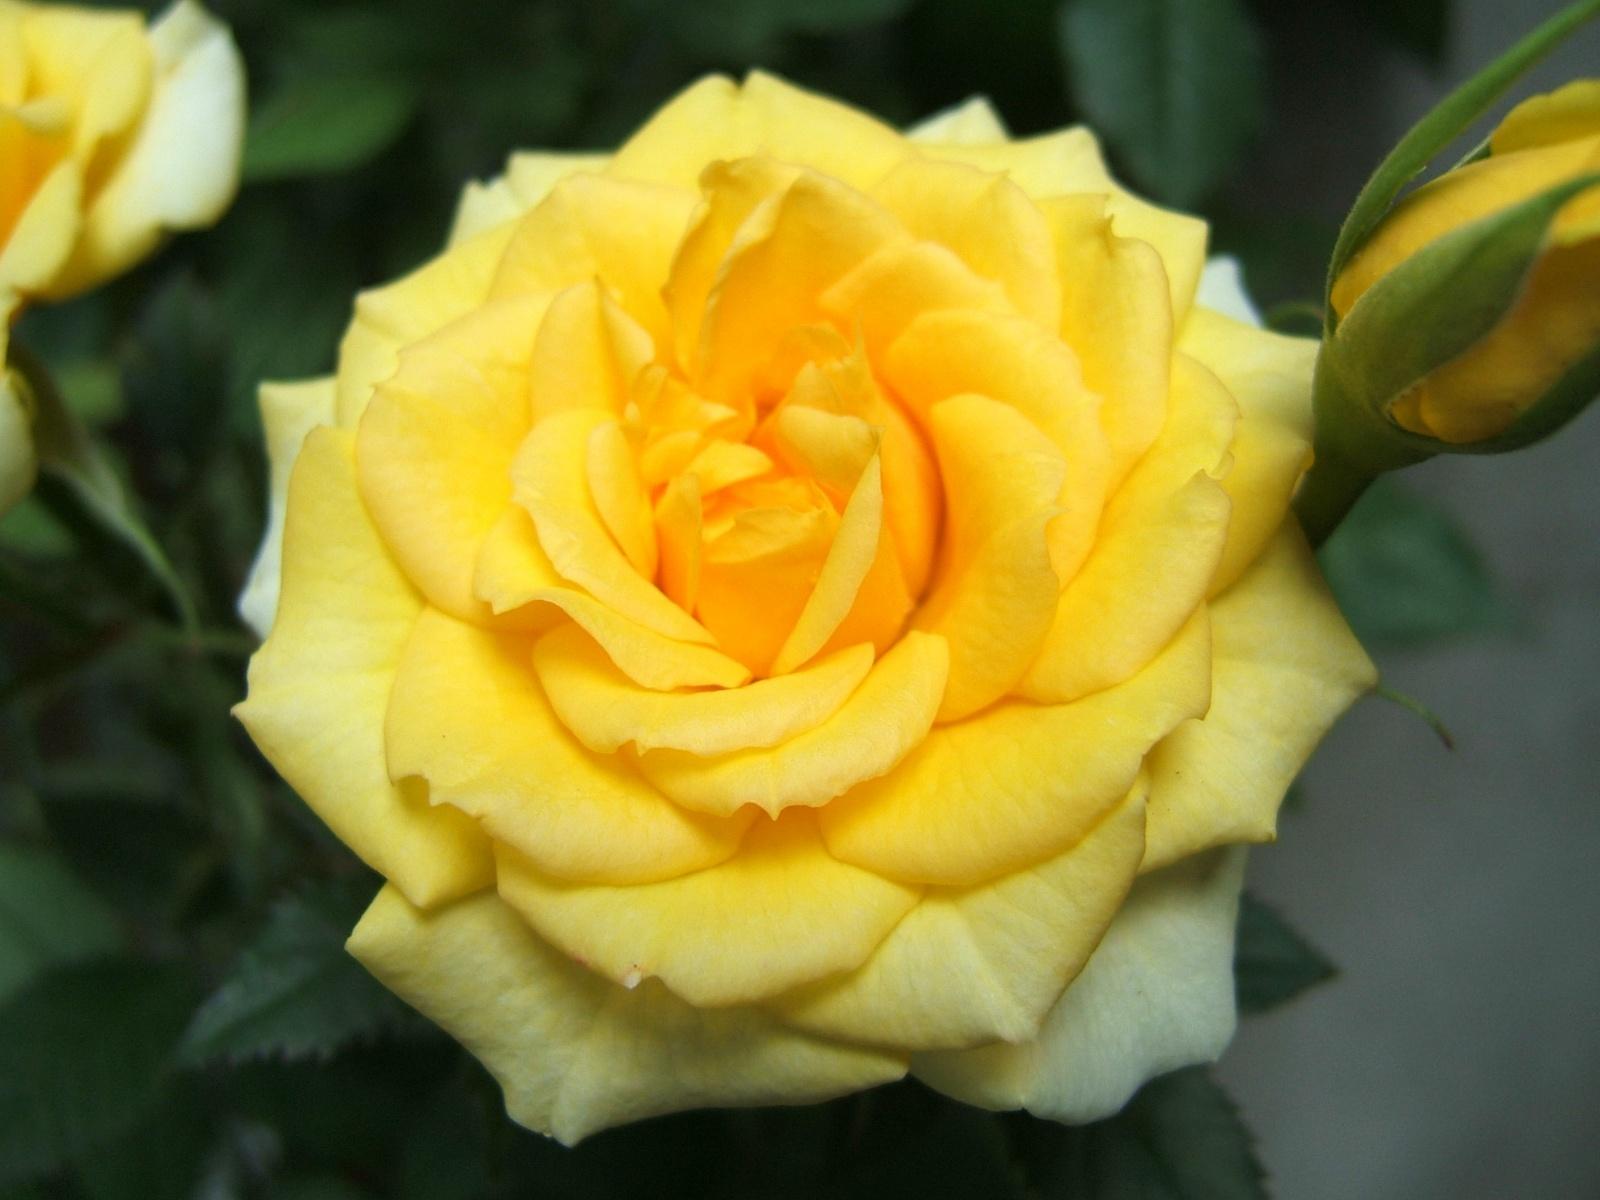 Yellow rose wallpaper wallpapersafari - Hd flower wallpaper rose ...